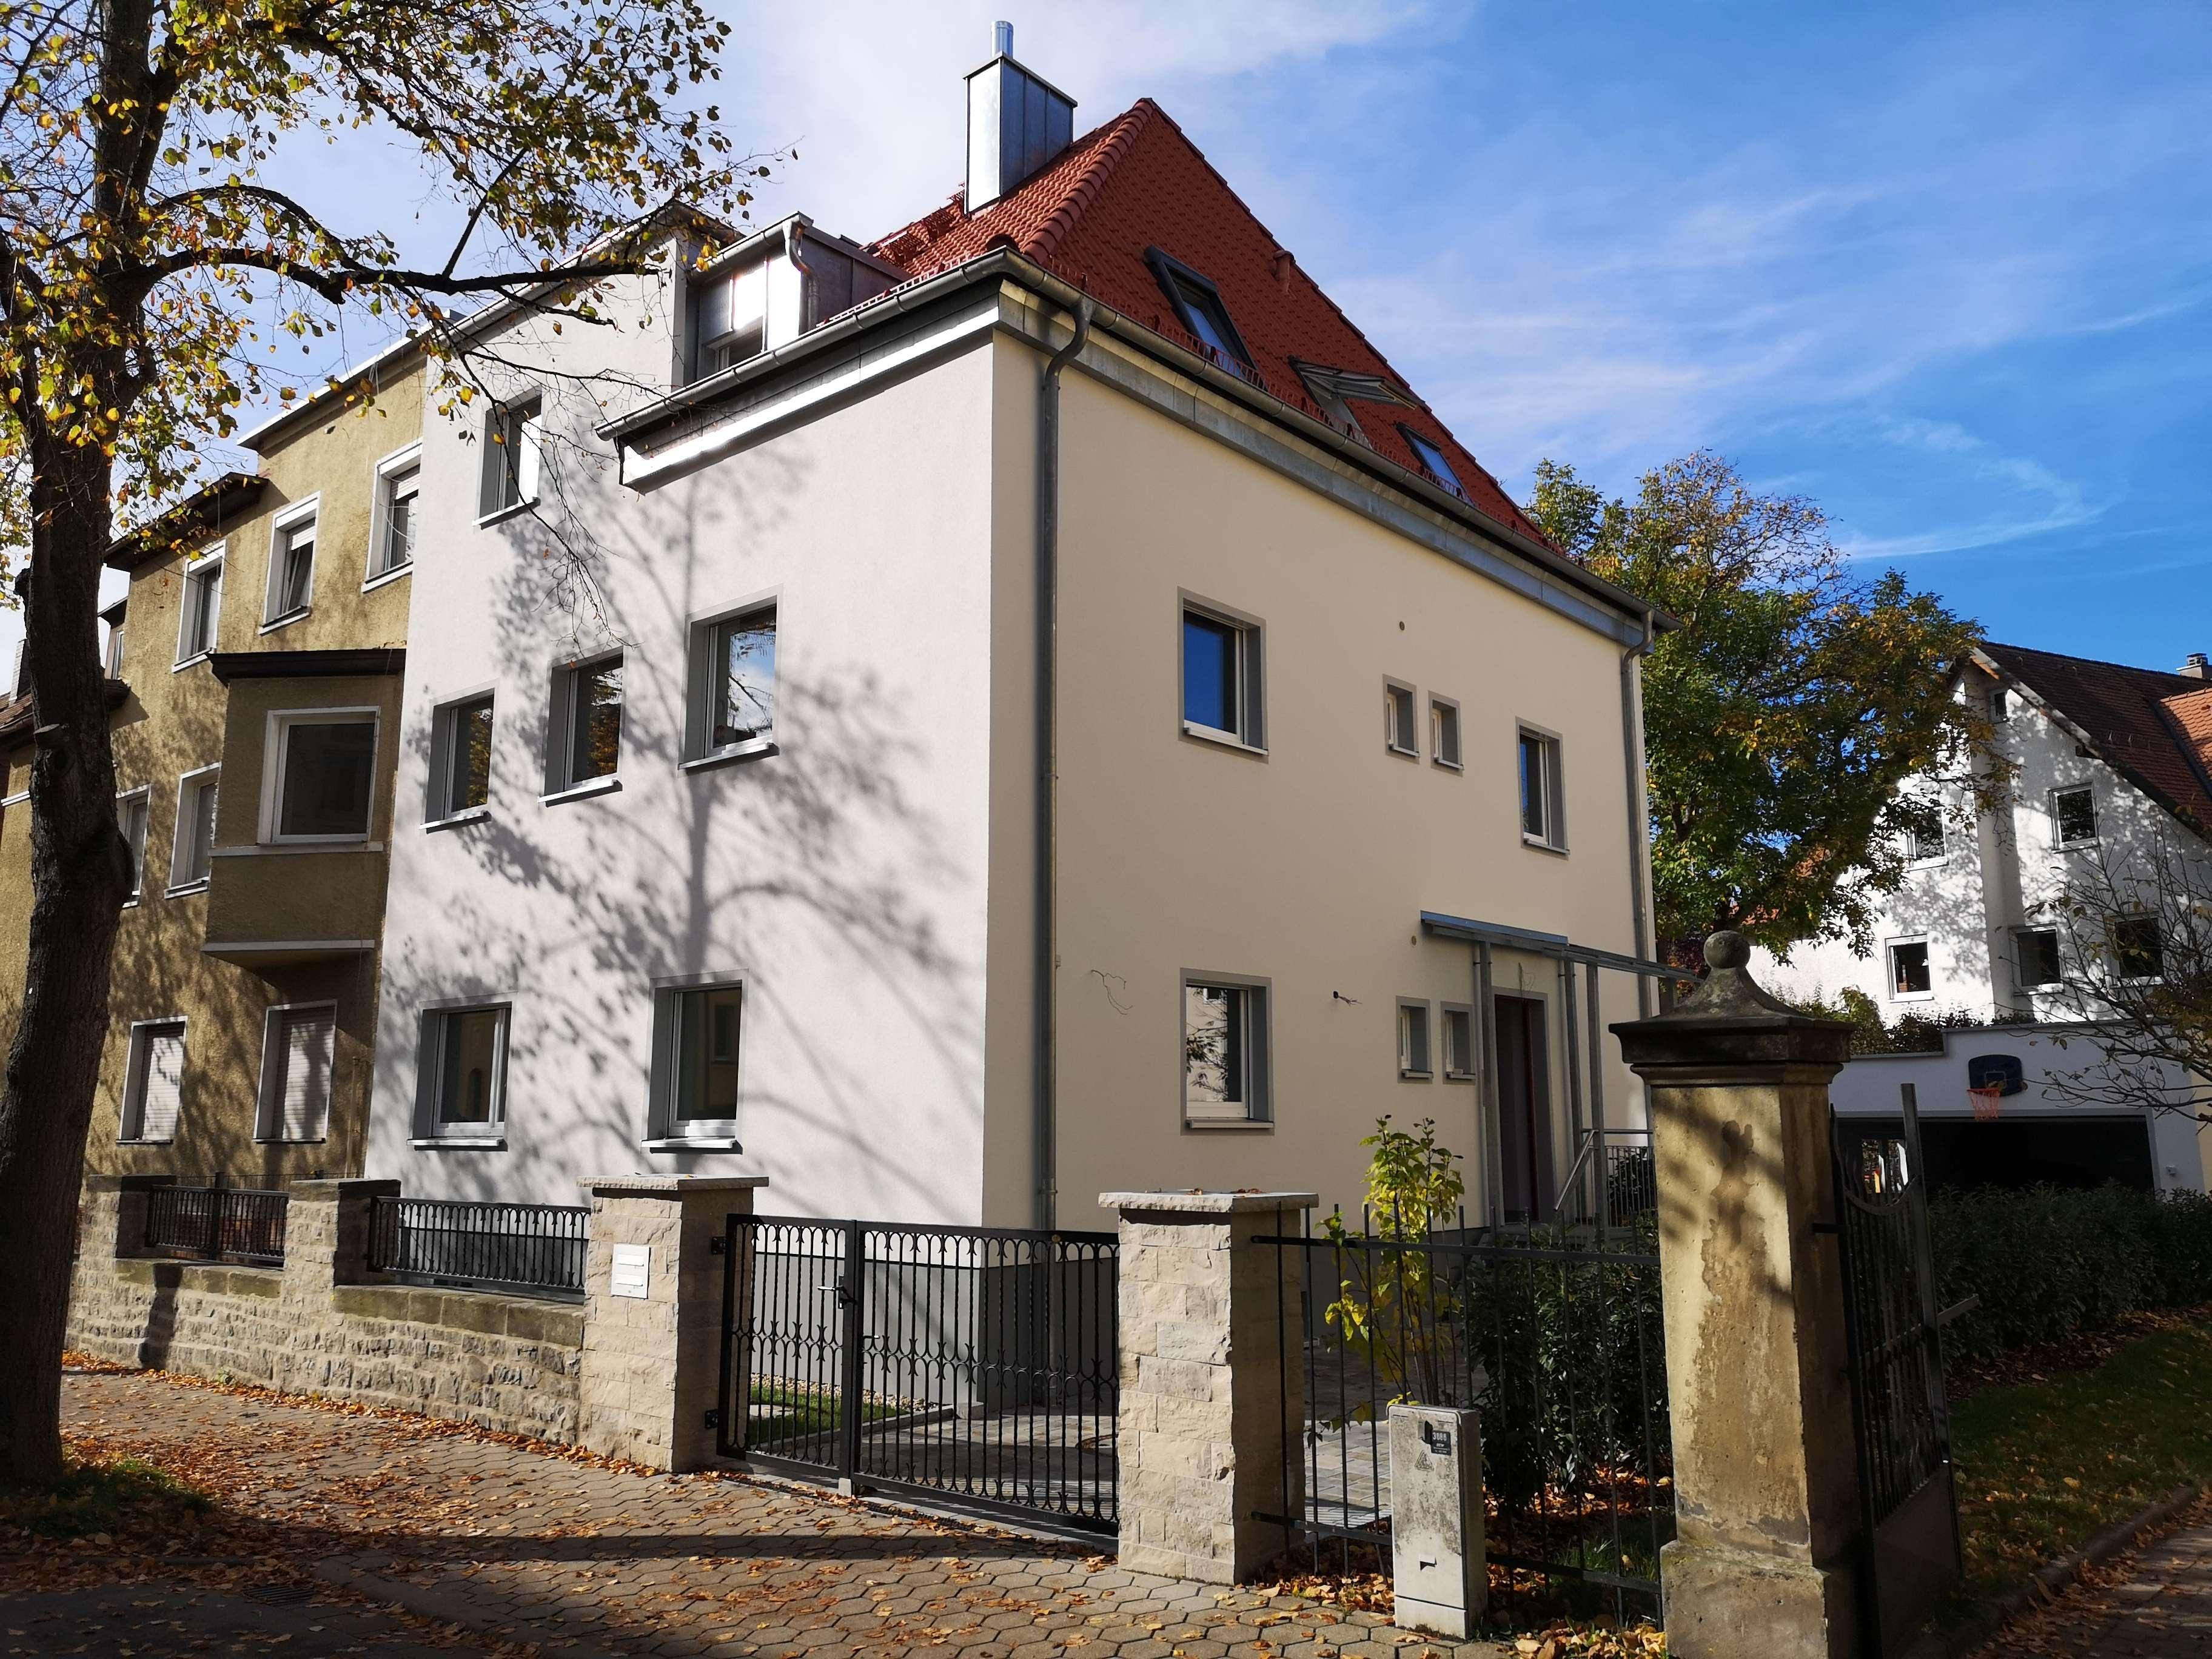 Erstbezug nach Sanierung: freundliche 2-Zimmer-Erdgeschosswohnung in zentraler Lage in Bayreuth in Gartenstadt/Wendelhöfen (Bayreuth)